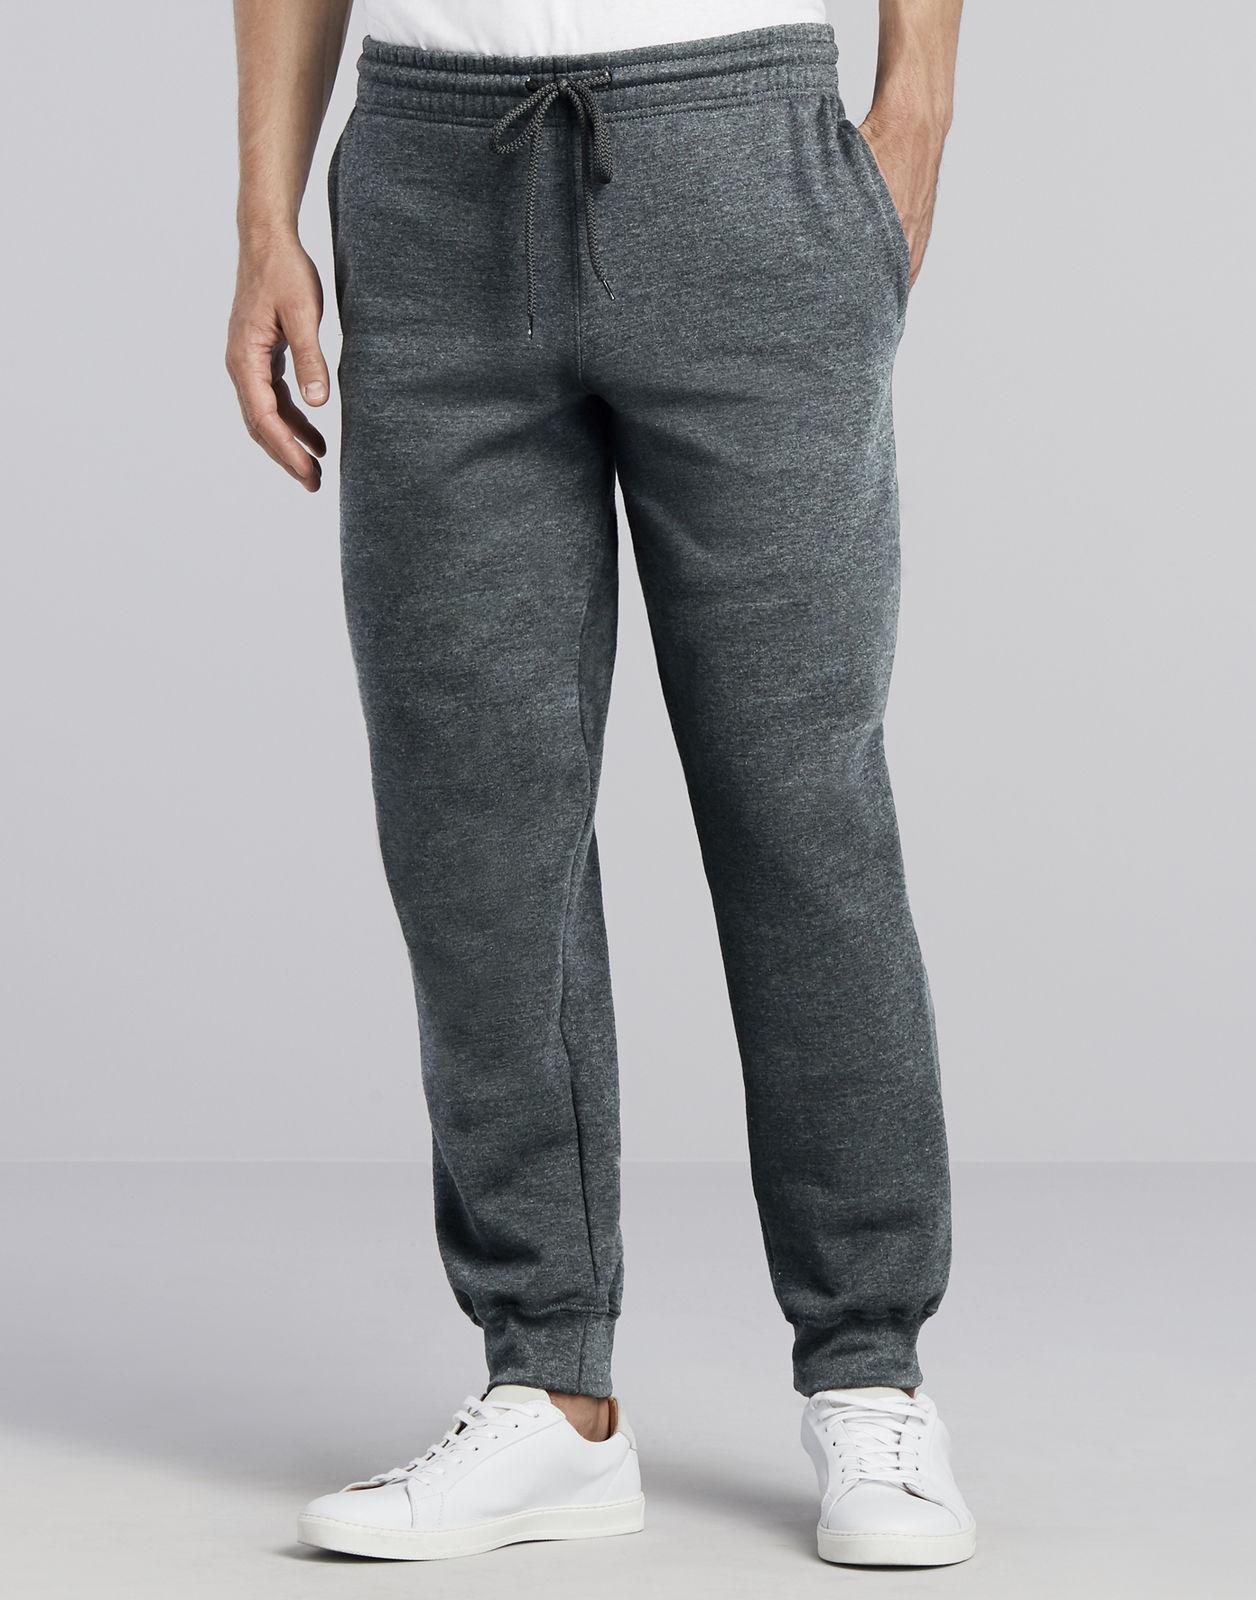 Pantalon Jogging De Élastiqué Personnalisé Heavy Bas Blend™ WDHIE29Y